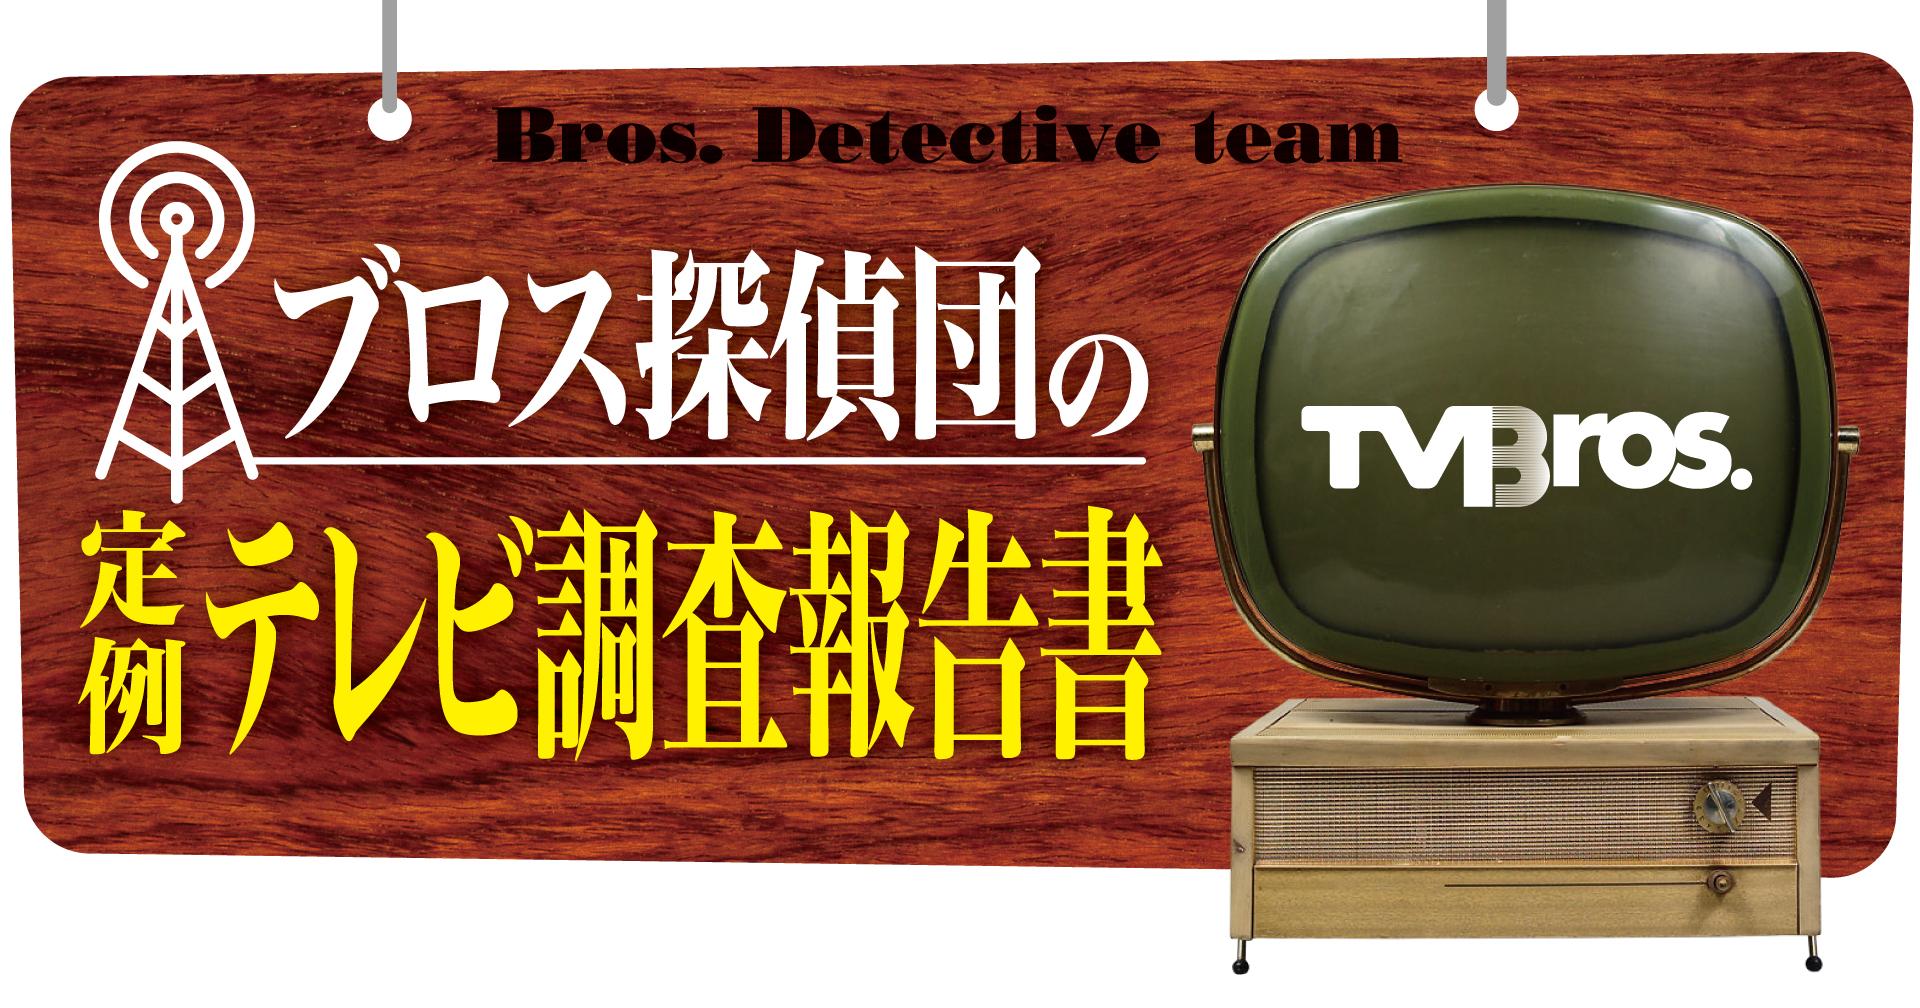 ブロス探偵団定例テレビ調査報告書